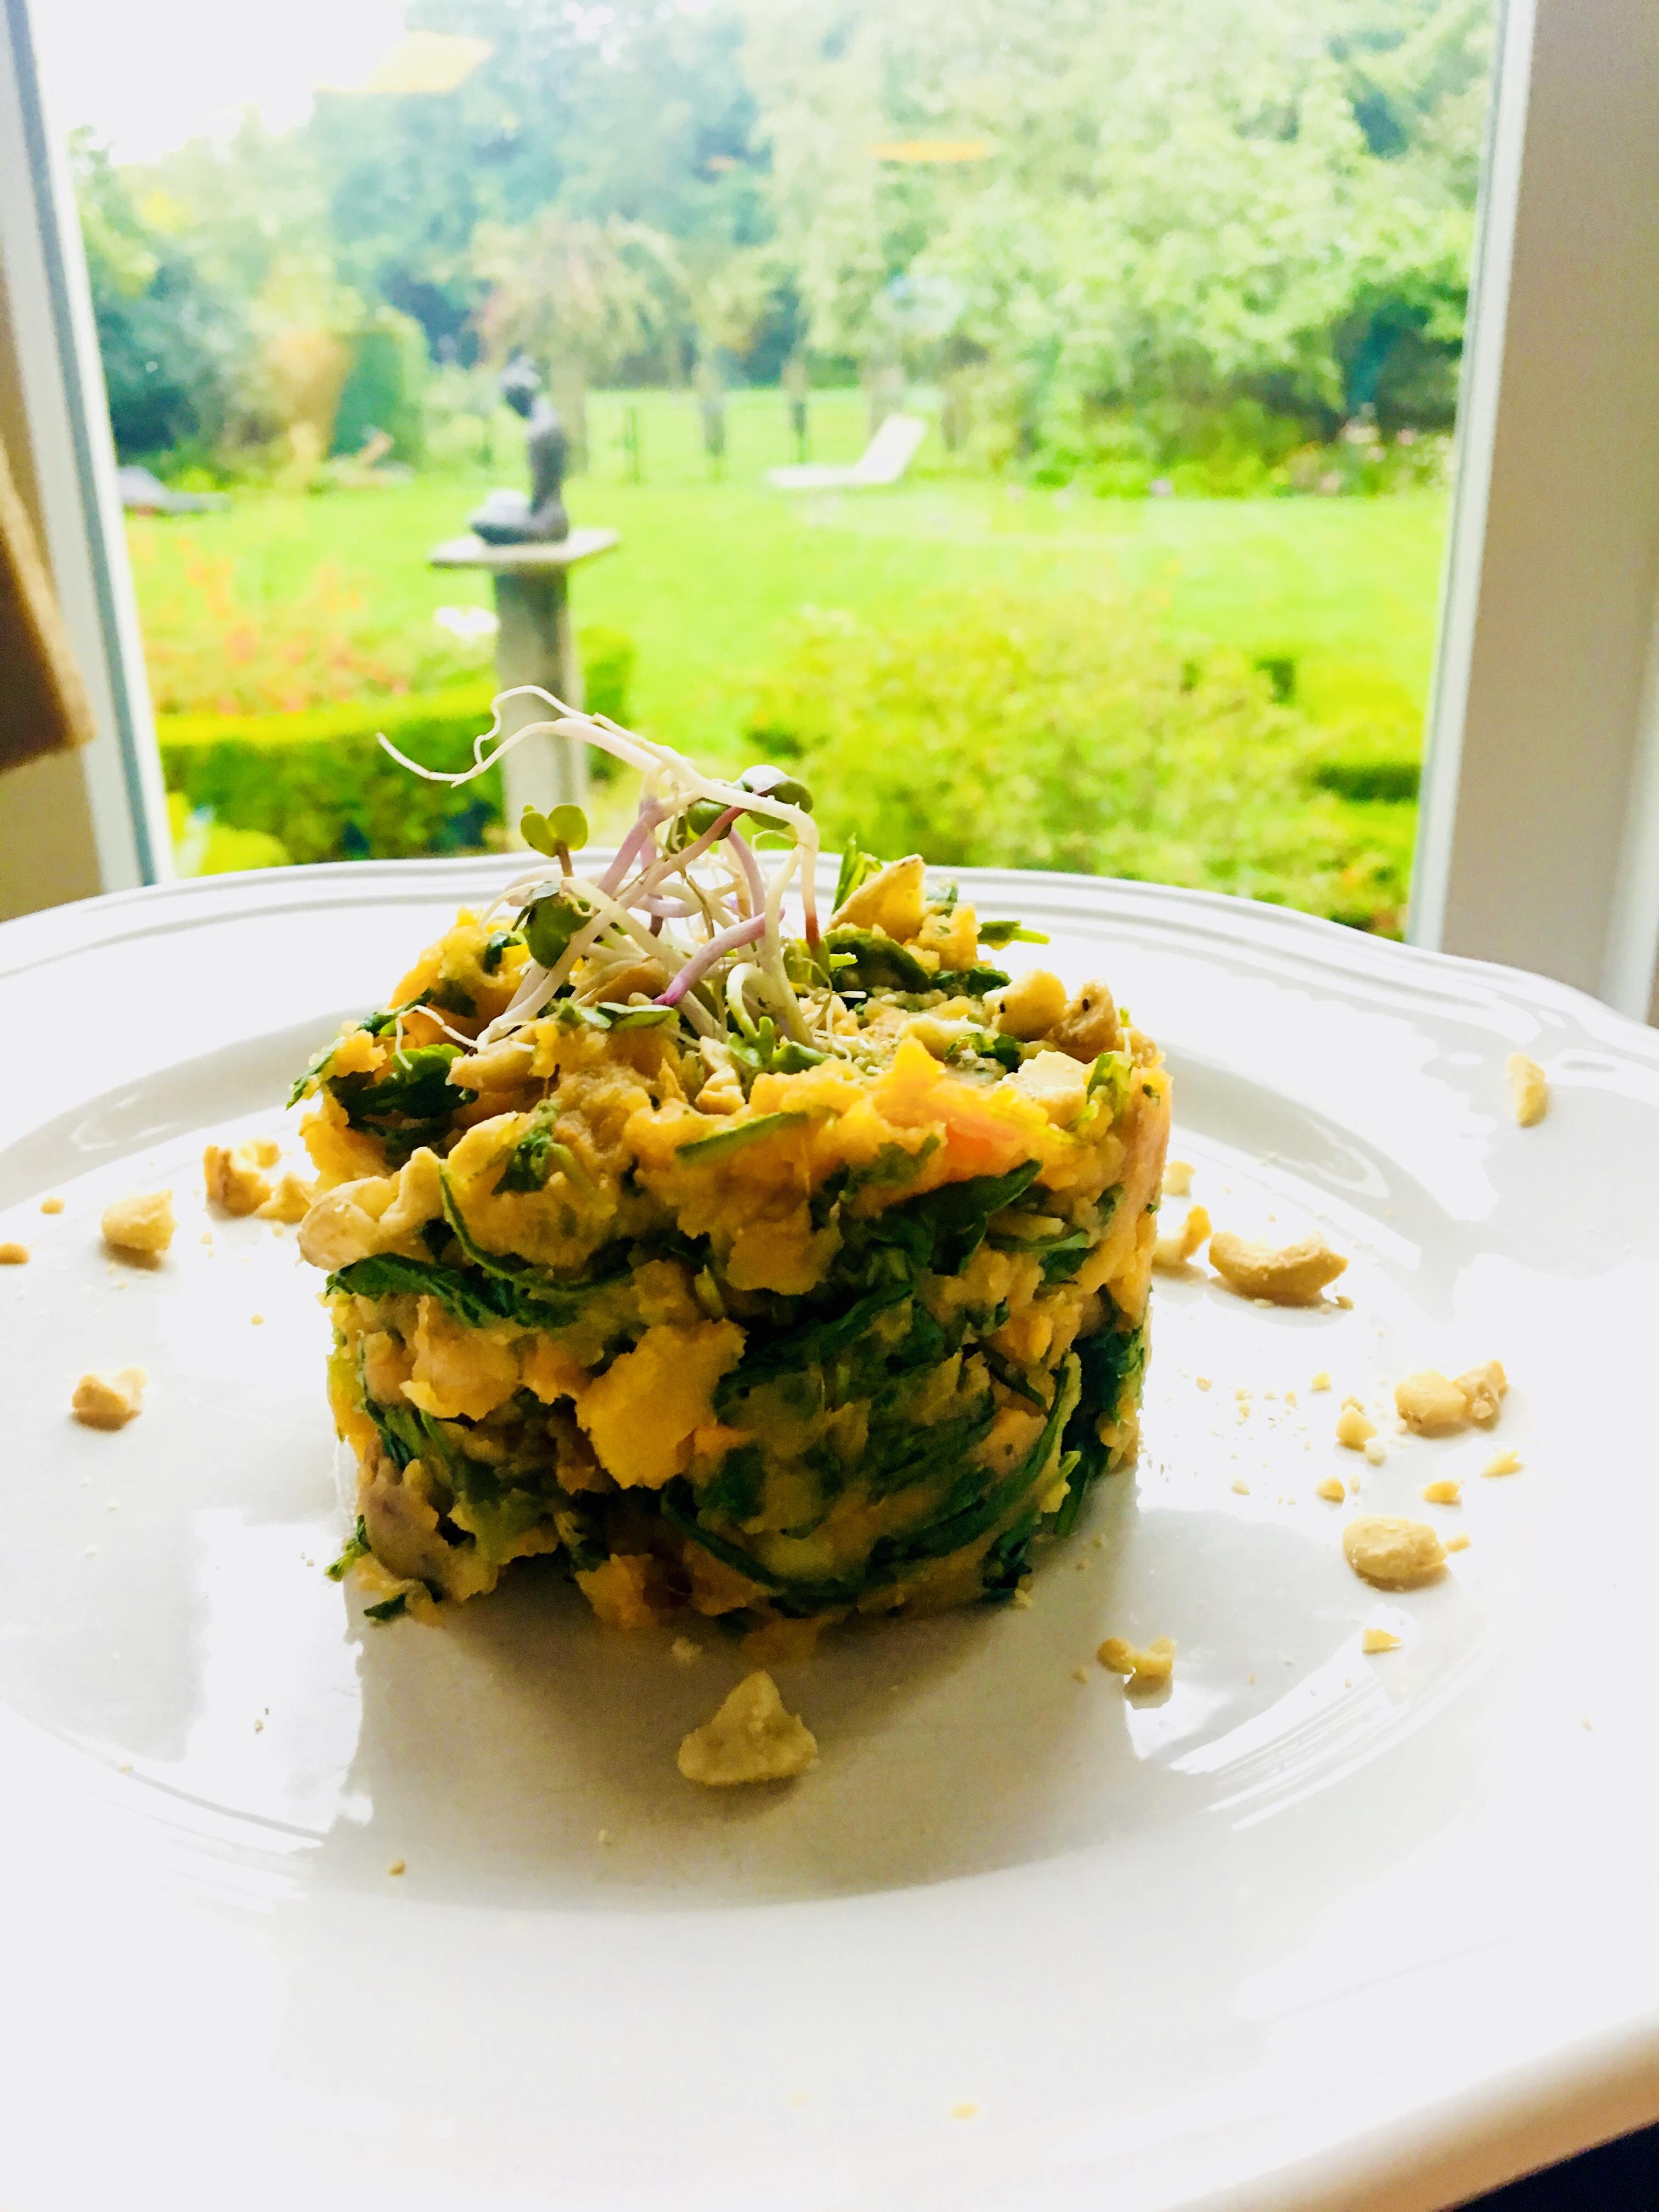 gezondrecept, stamppot, yoga, vegetarisch, healthyfood